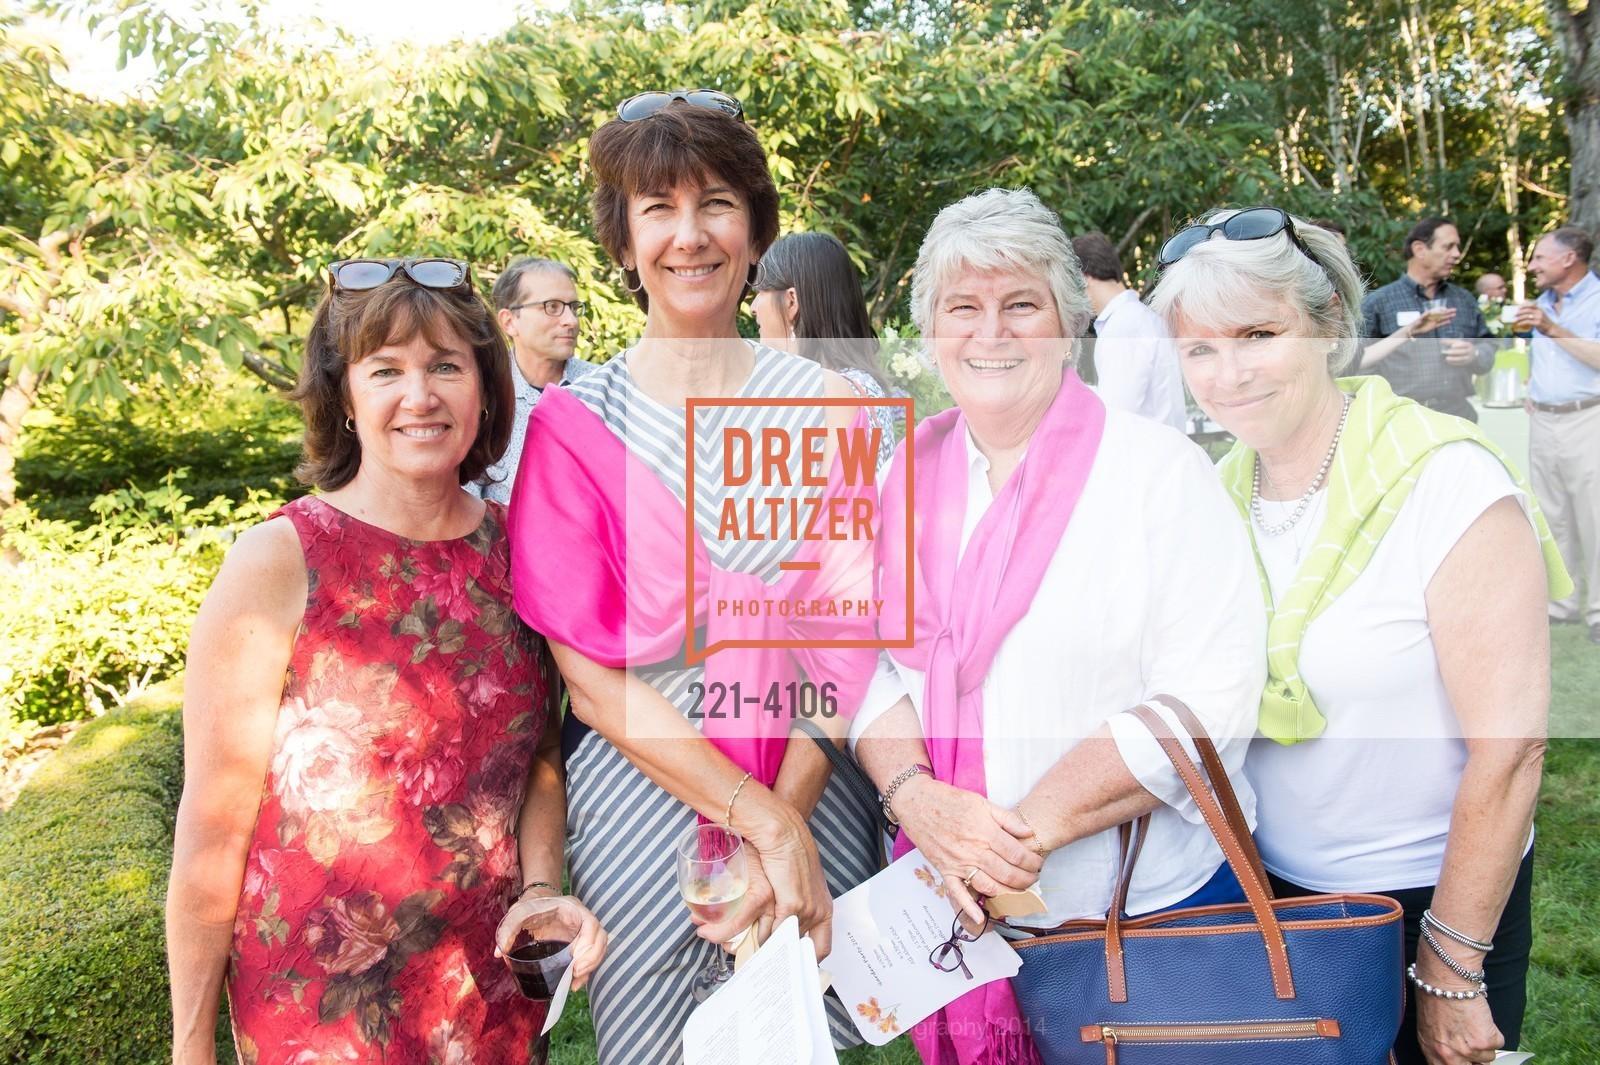 Carrie Mooney, Joanne DeMarchena, Marcy Jong, Kathy Kern, Photo #221-4106